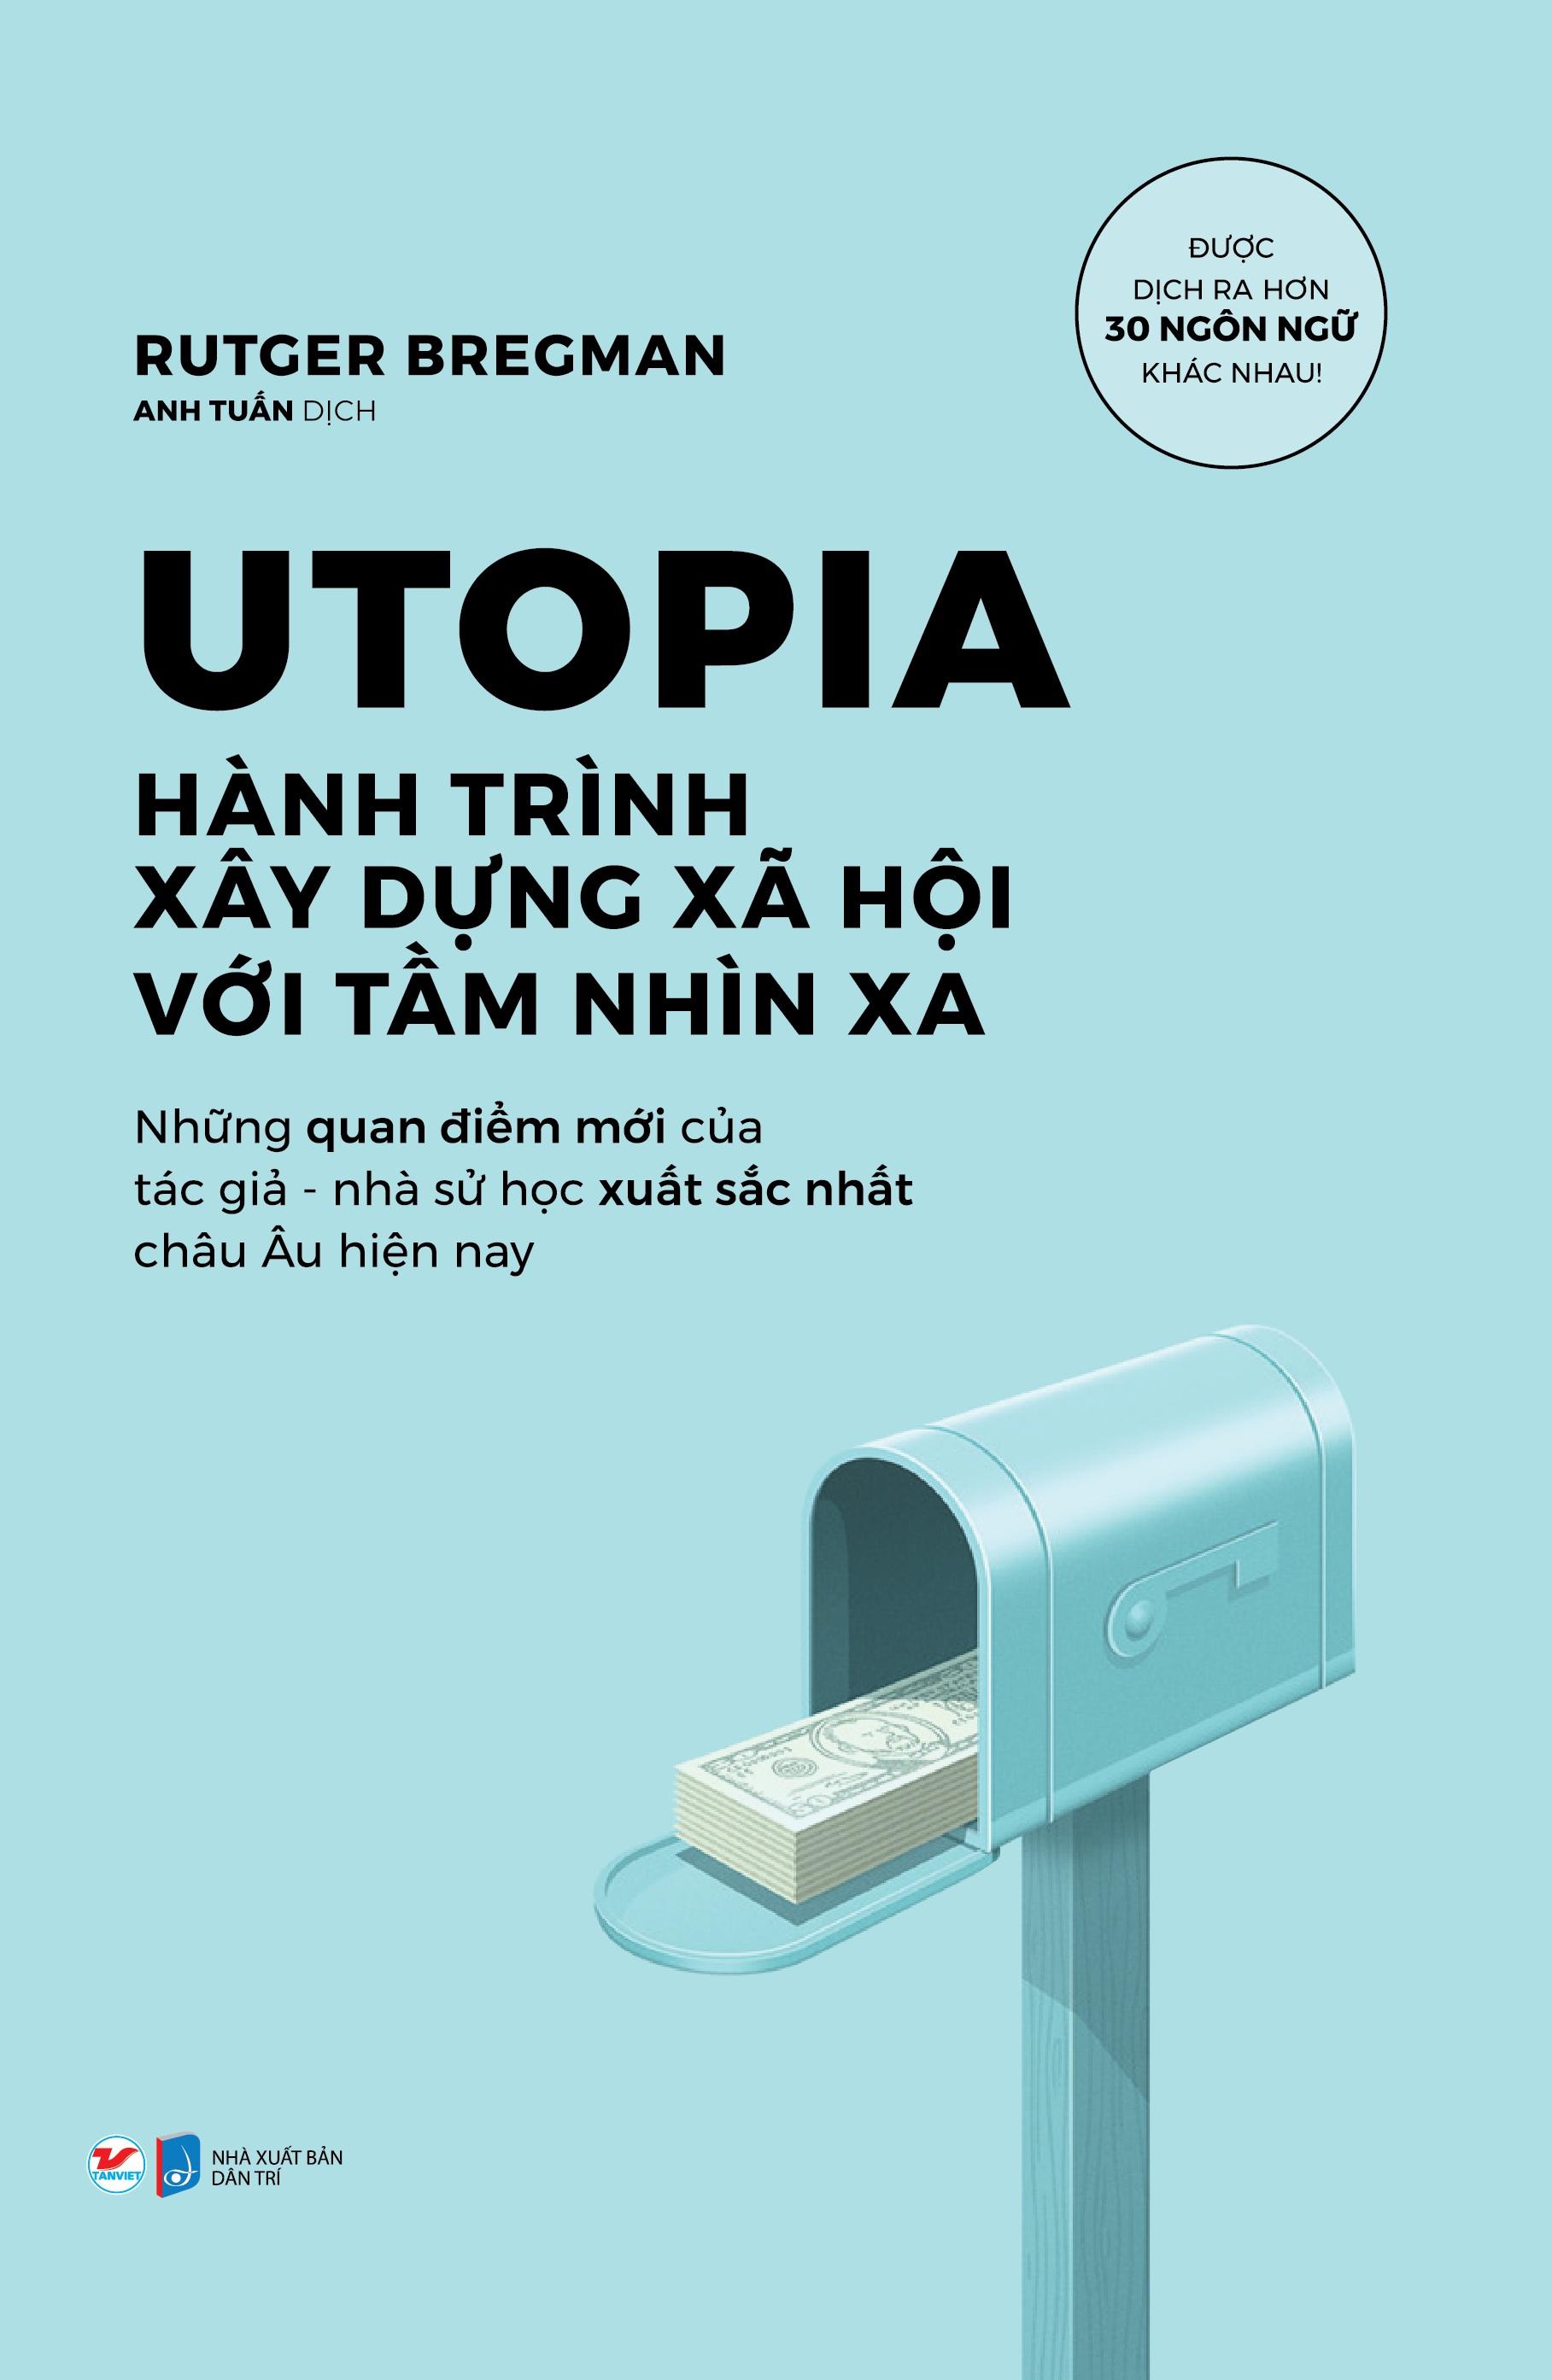 Utopia Hành Trình Xây Dựng Xã Hội Với Tầm Nhìn Xa